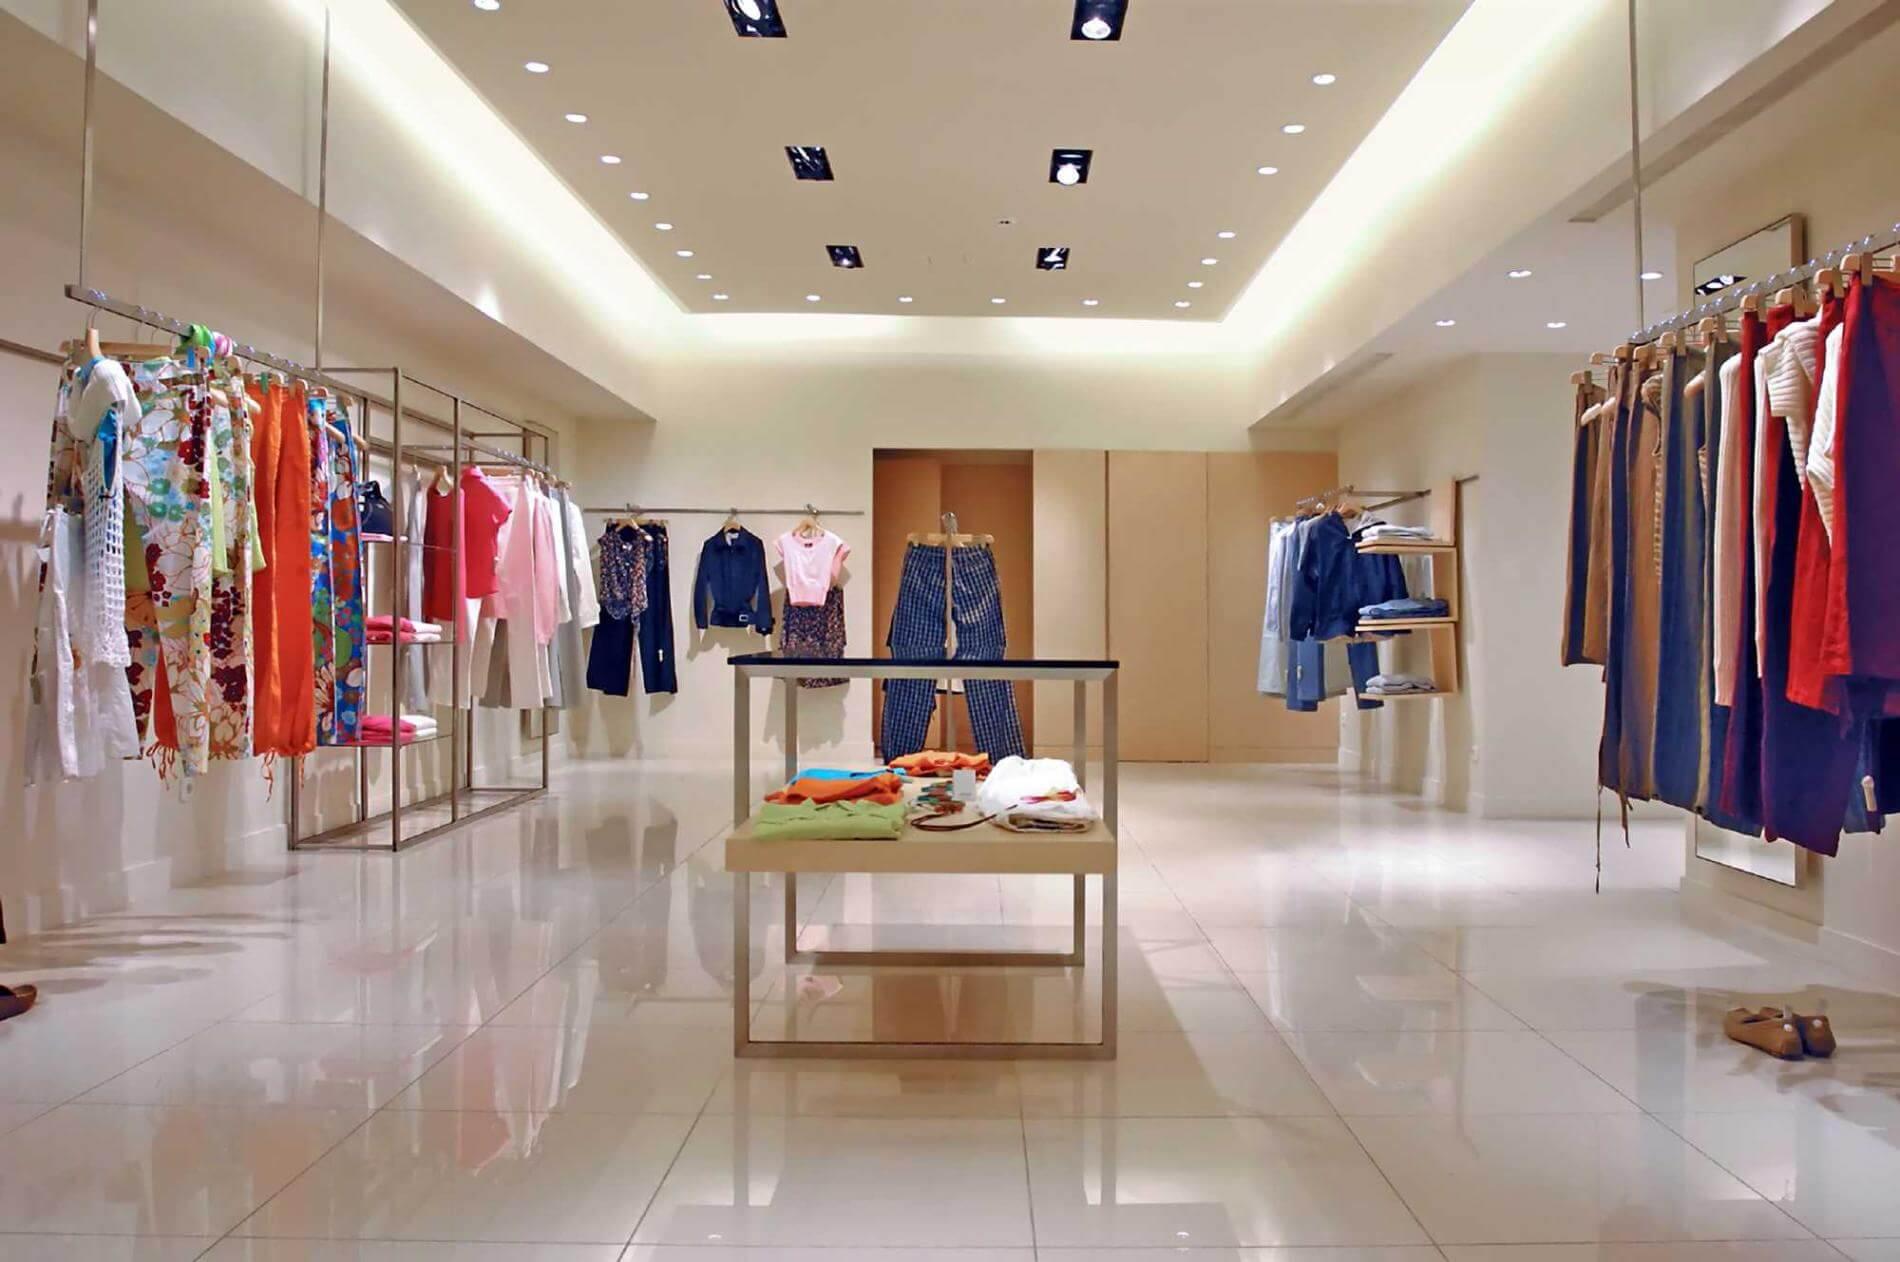 חנות בגדים (אילוסטרציה) - שיווק חנויות באמצעות האינטרנט